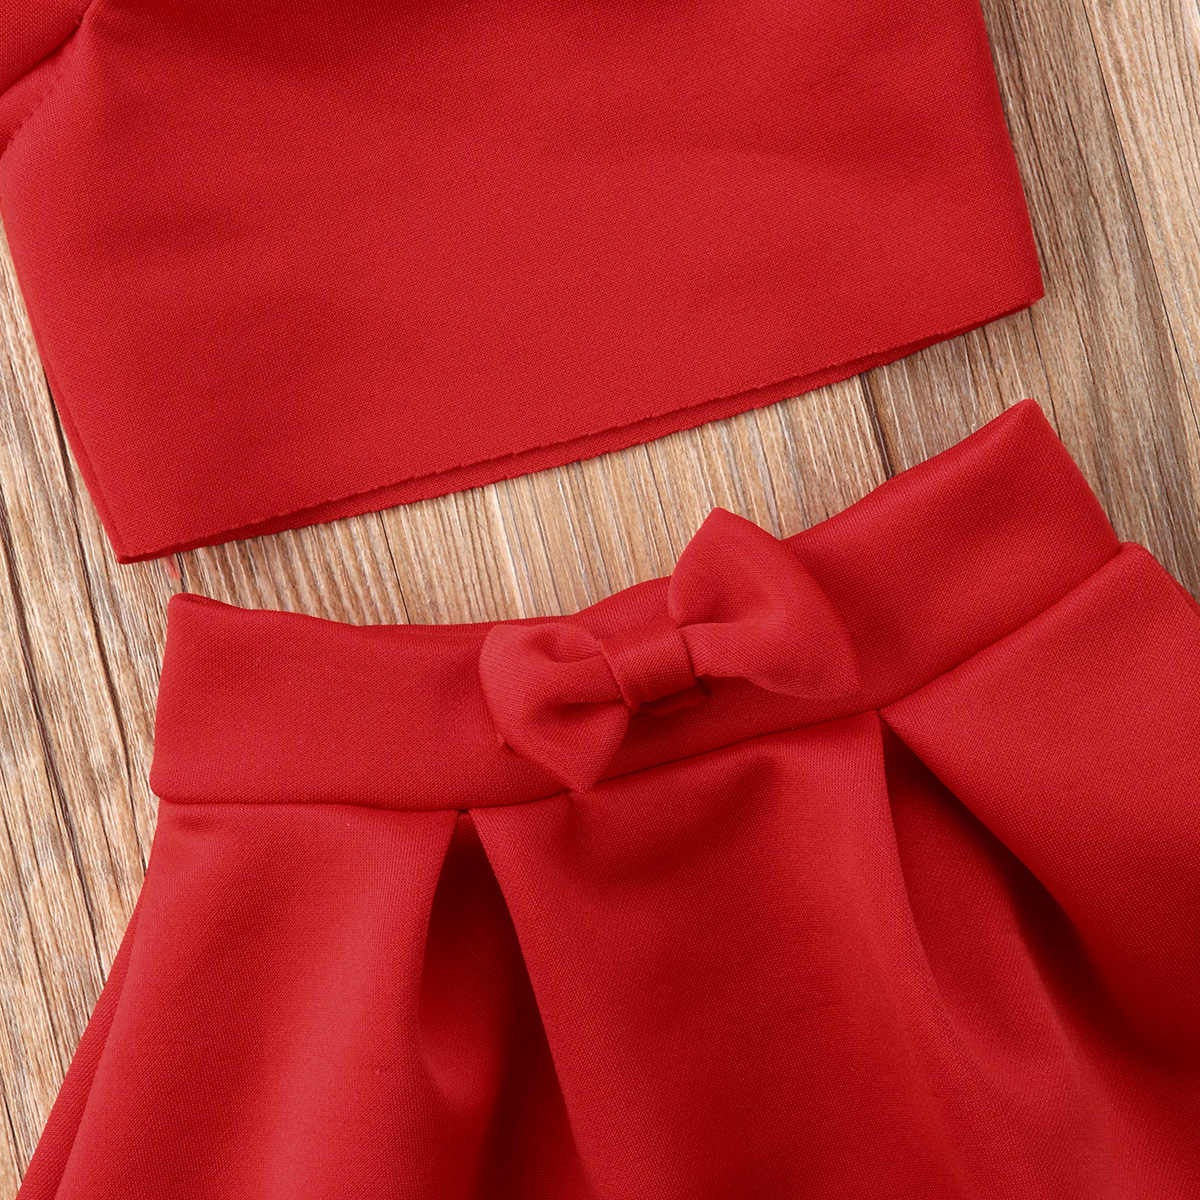 Noworodka dla dzieci Baby Girl Party Off ramię Crop topy spódnica stroje ubrania lato śliczne księżniczka jednolity Bowknot bawełna odzież